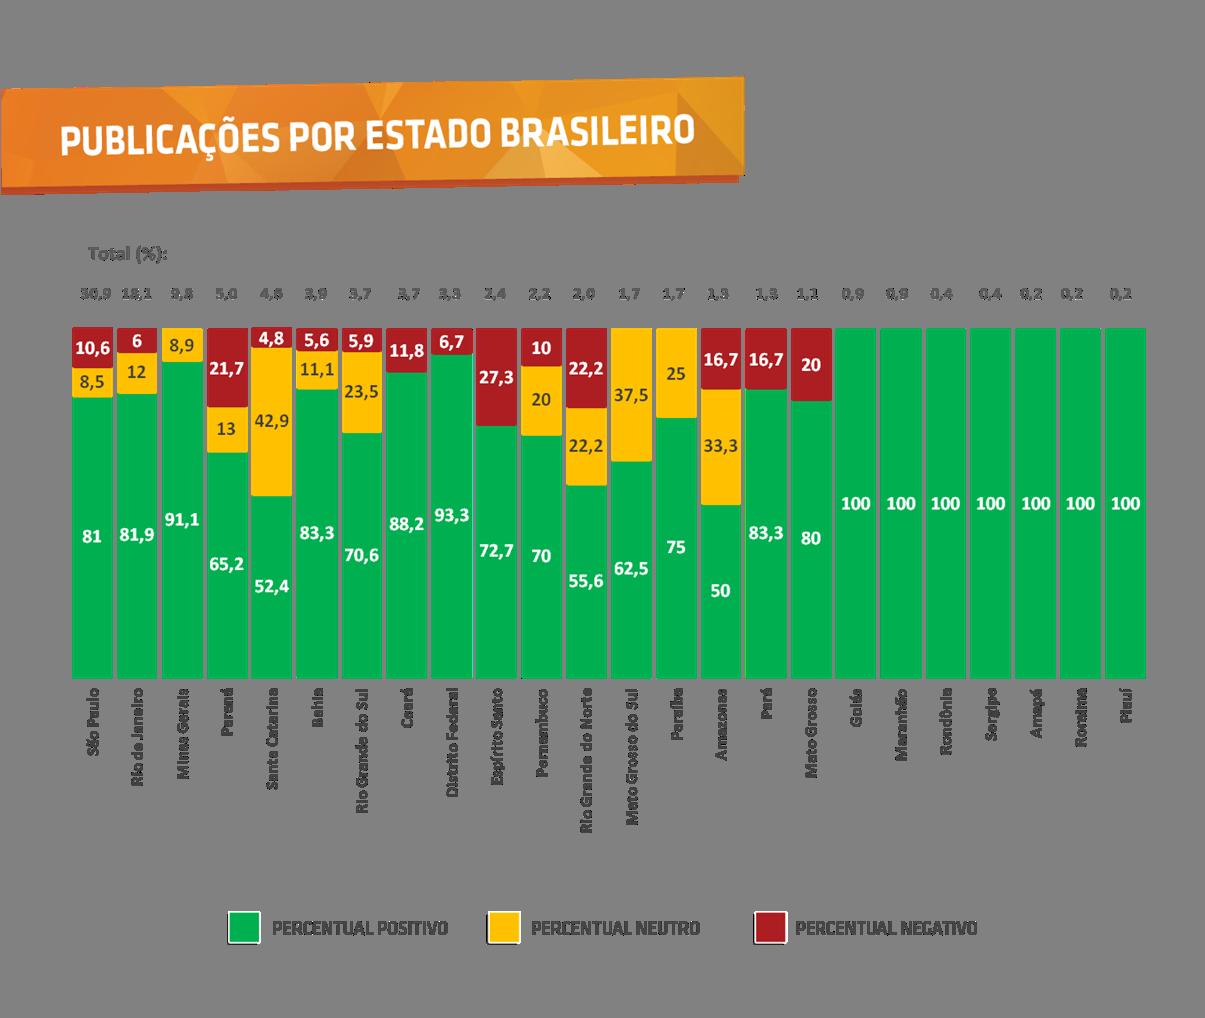 Públicações por estado brasileiro